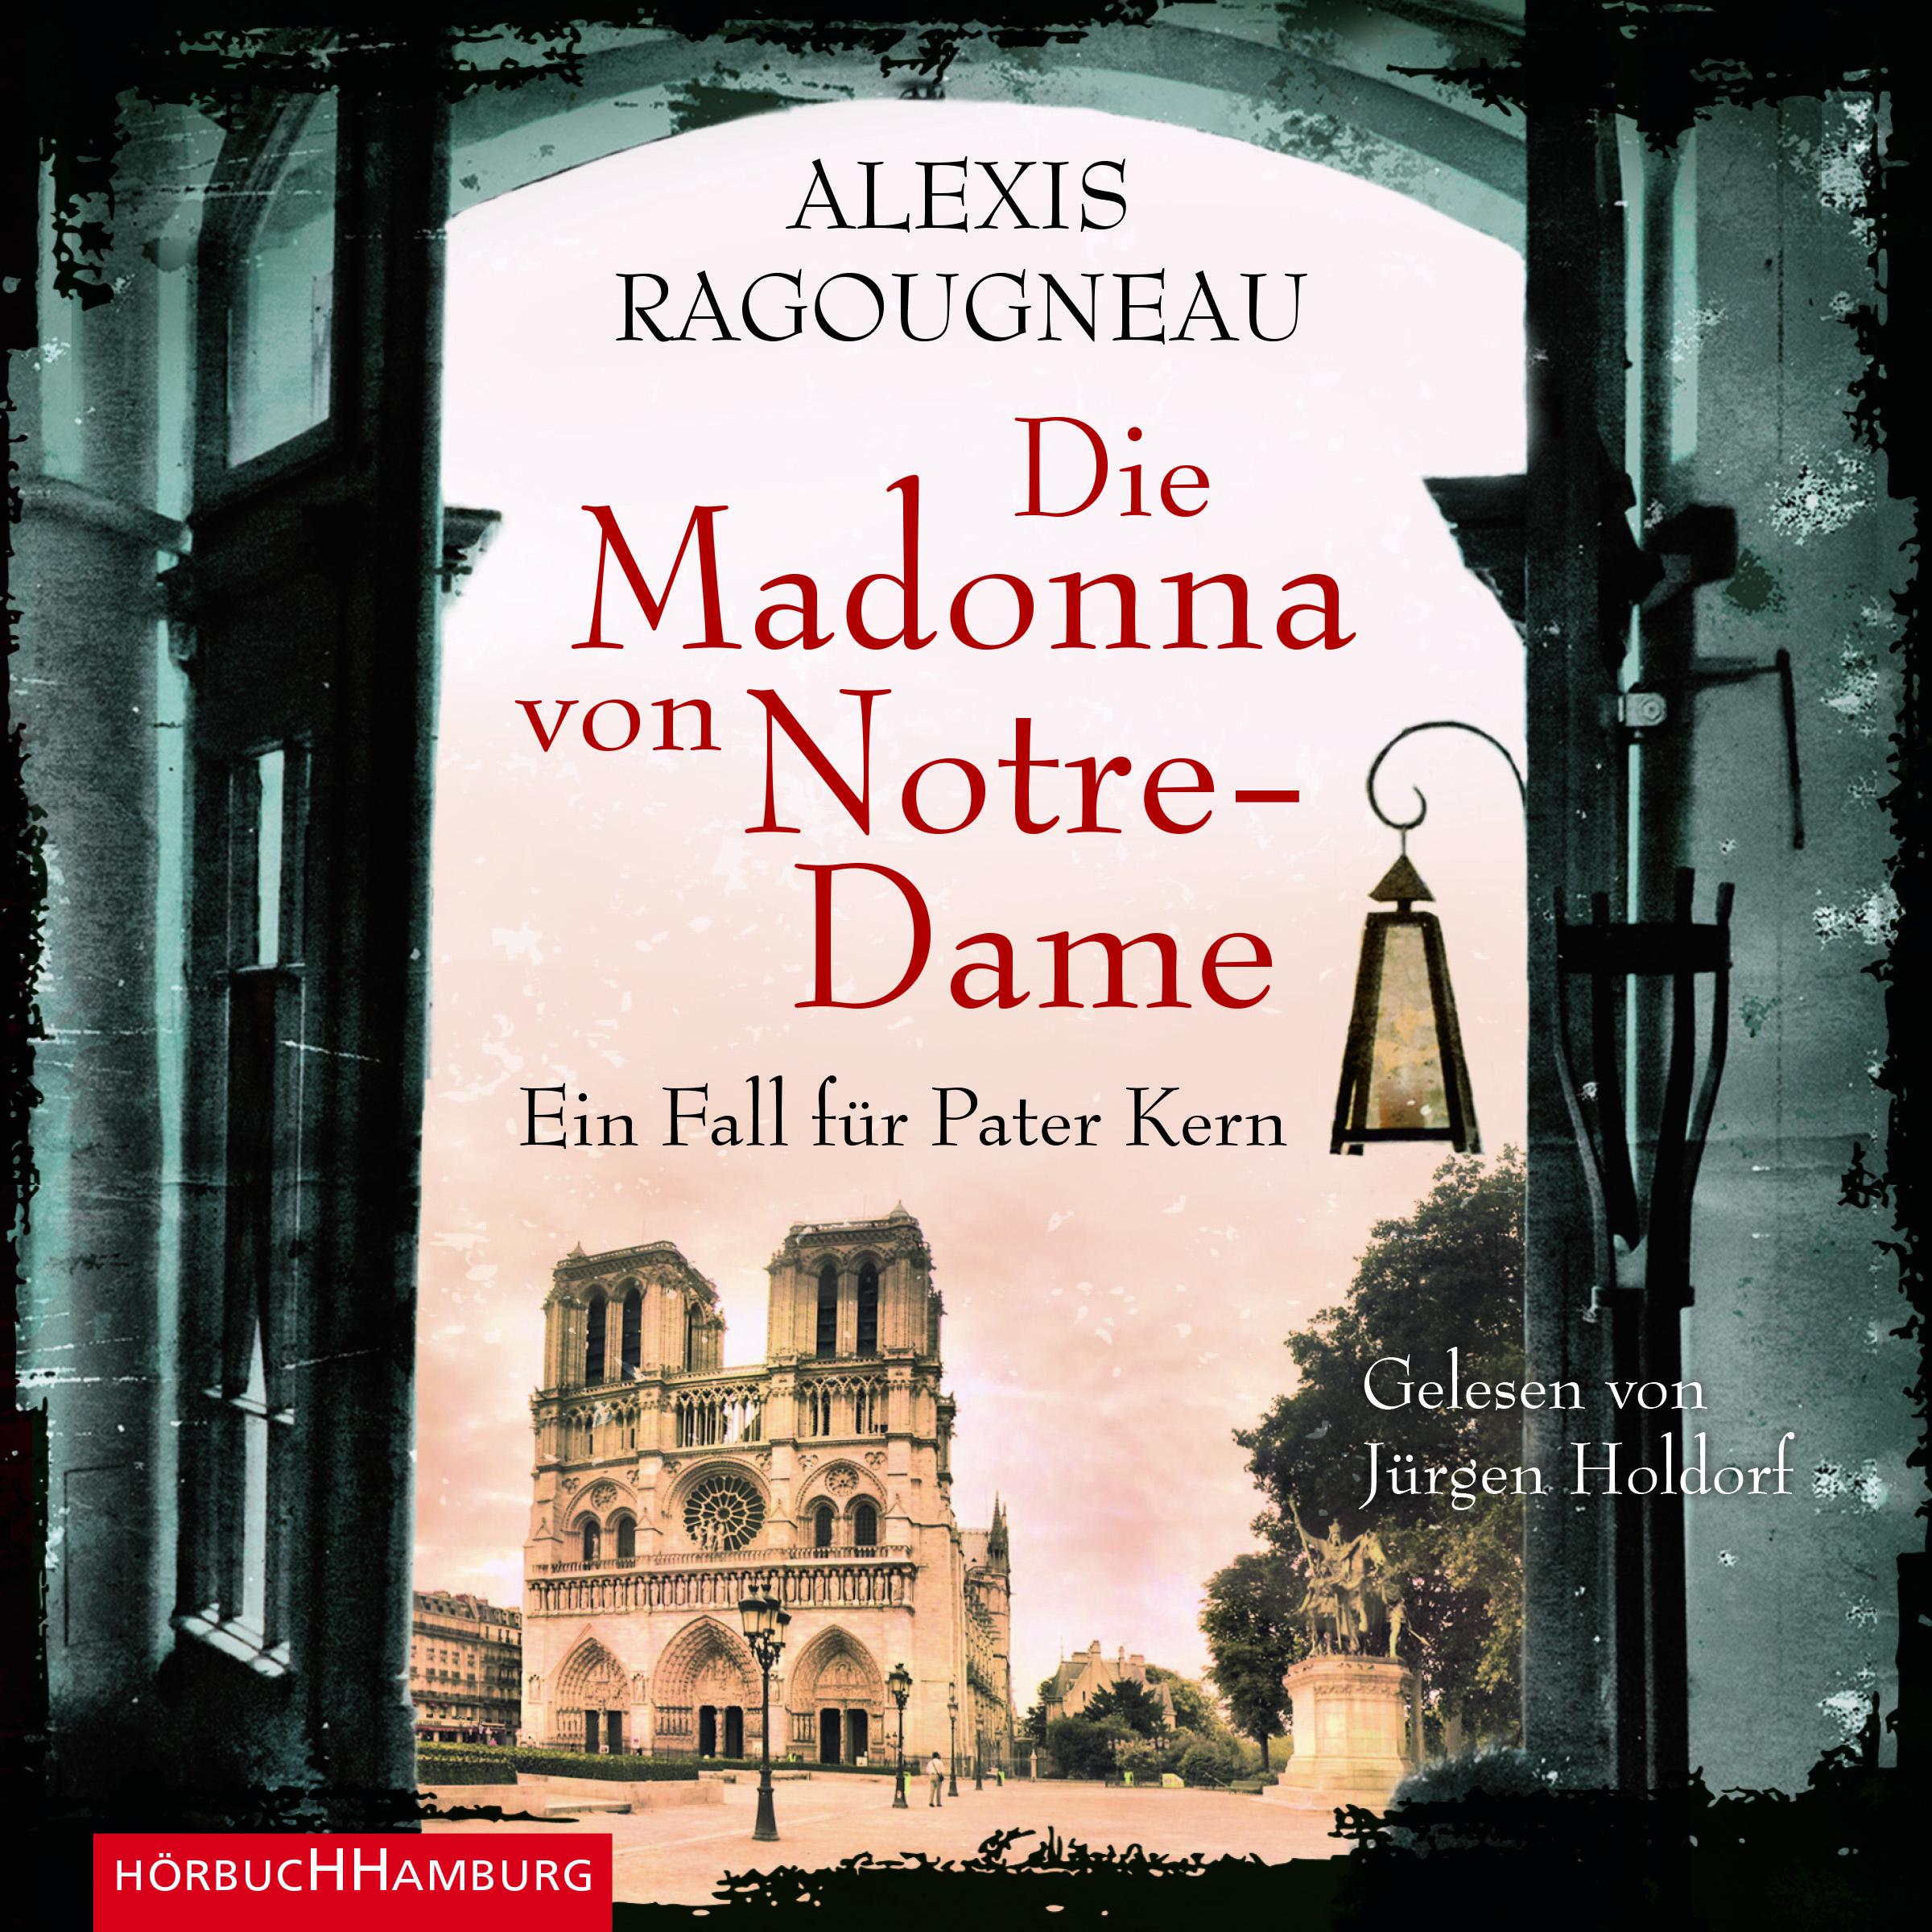 Cover für das Die Madonna von Notre-Dame Hörbuch